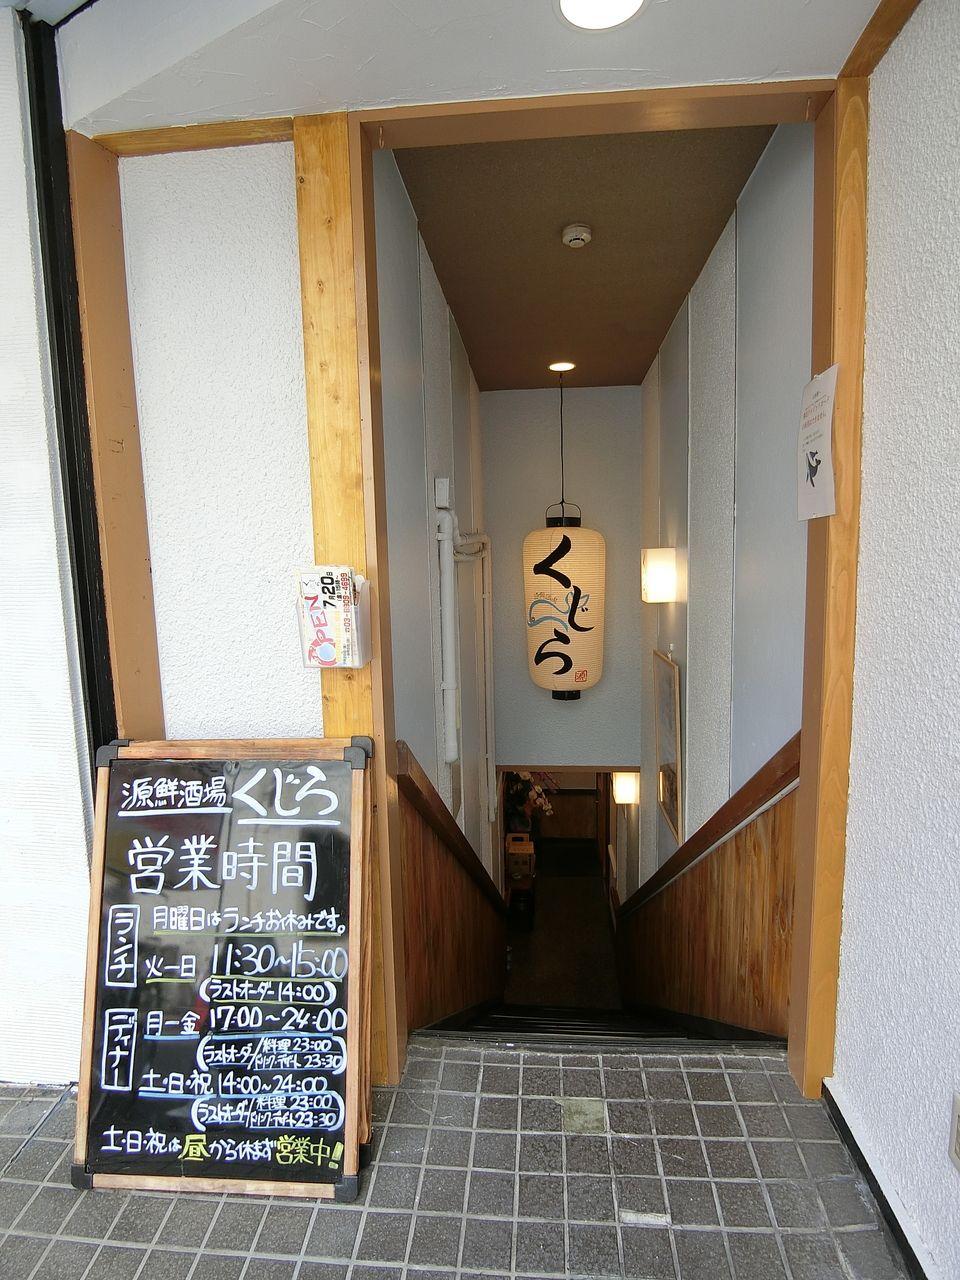 大山の居酒屋「源鮮酒場くじら」